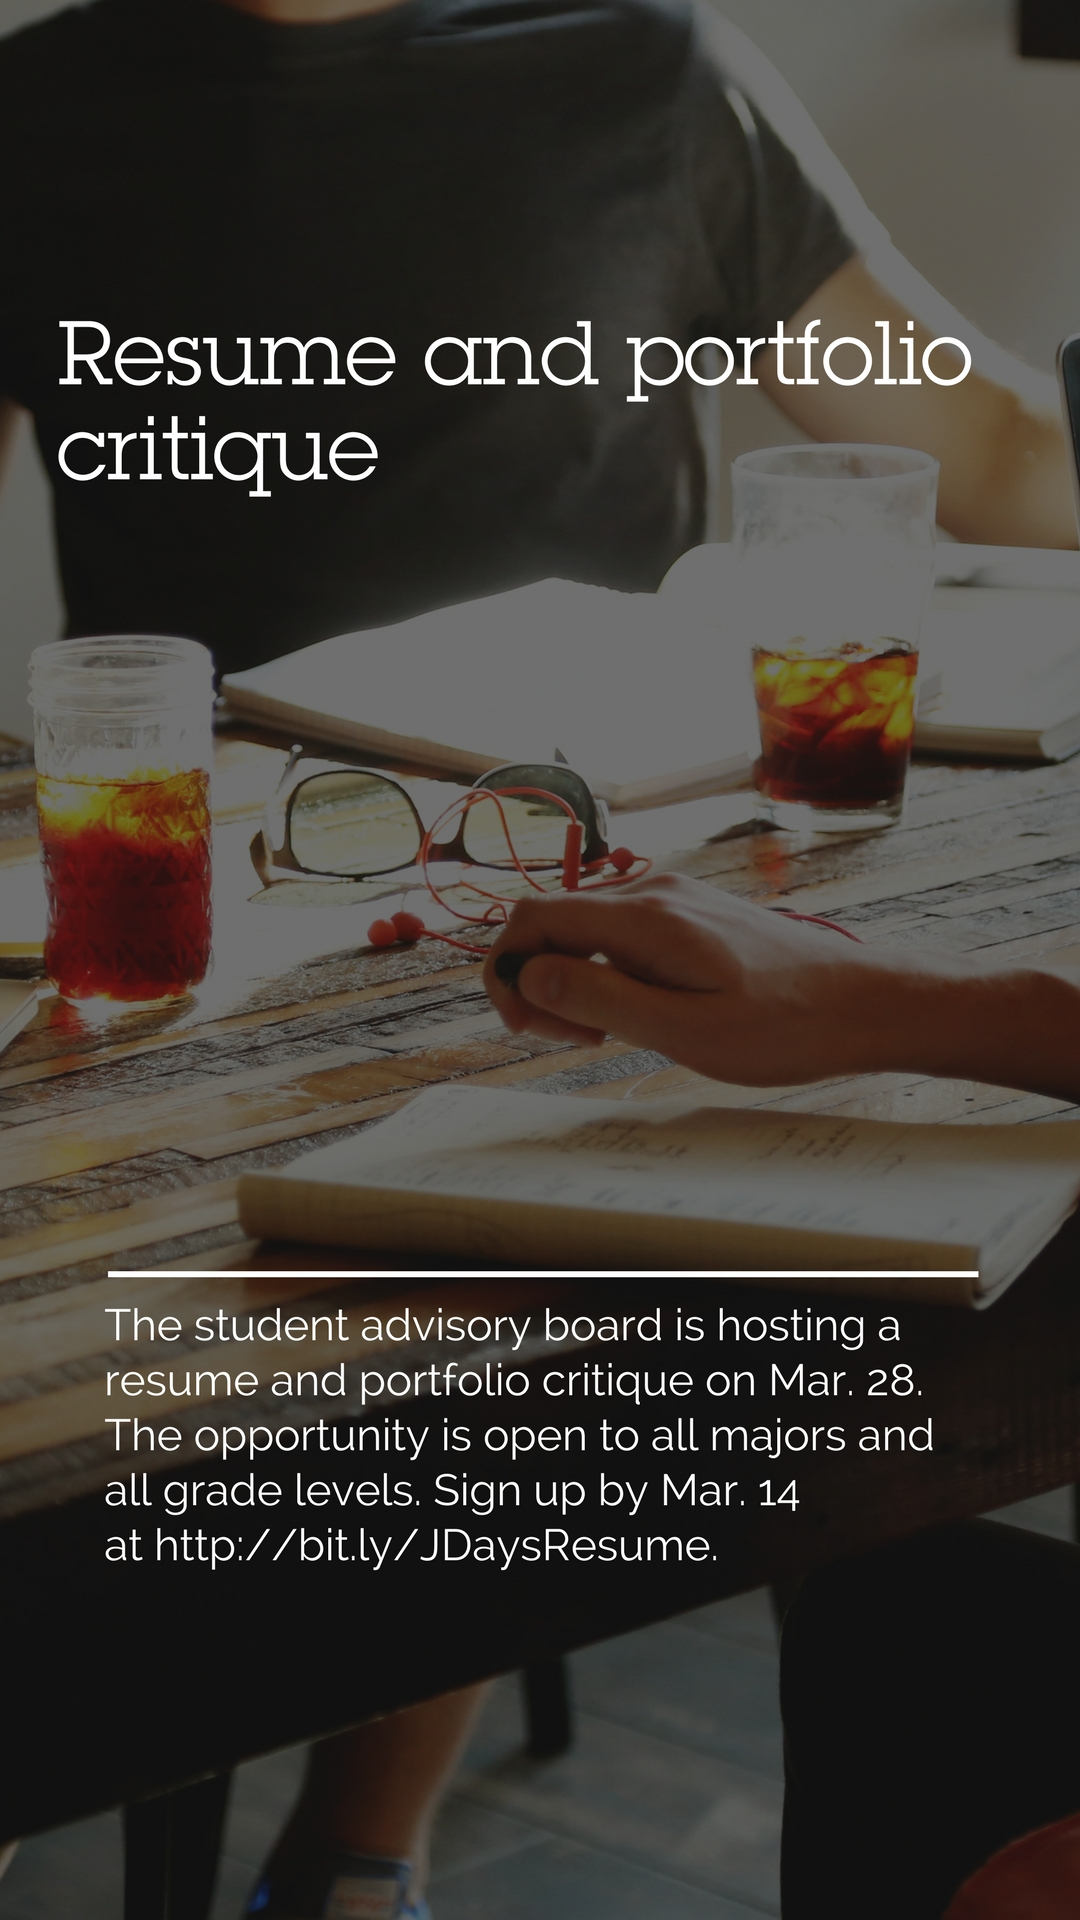 sign up for a resume and portfolio critique